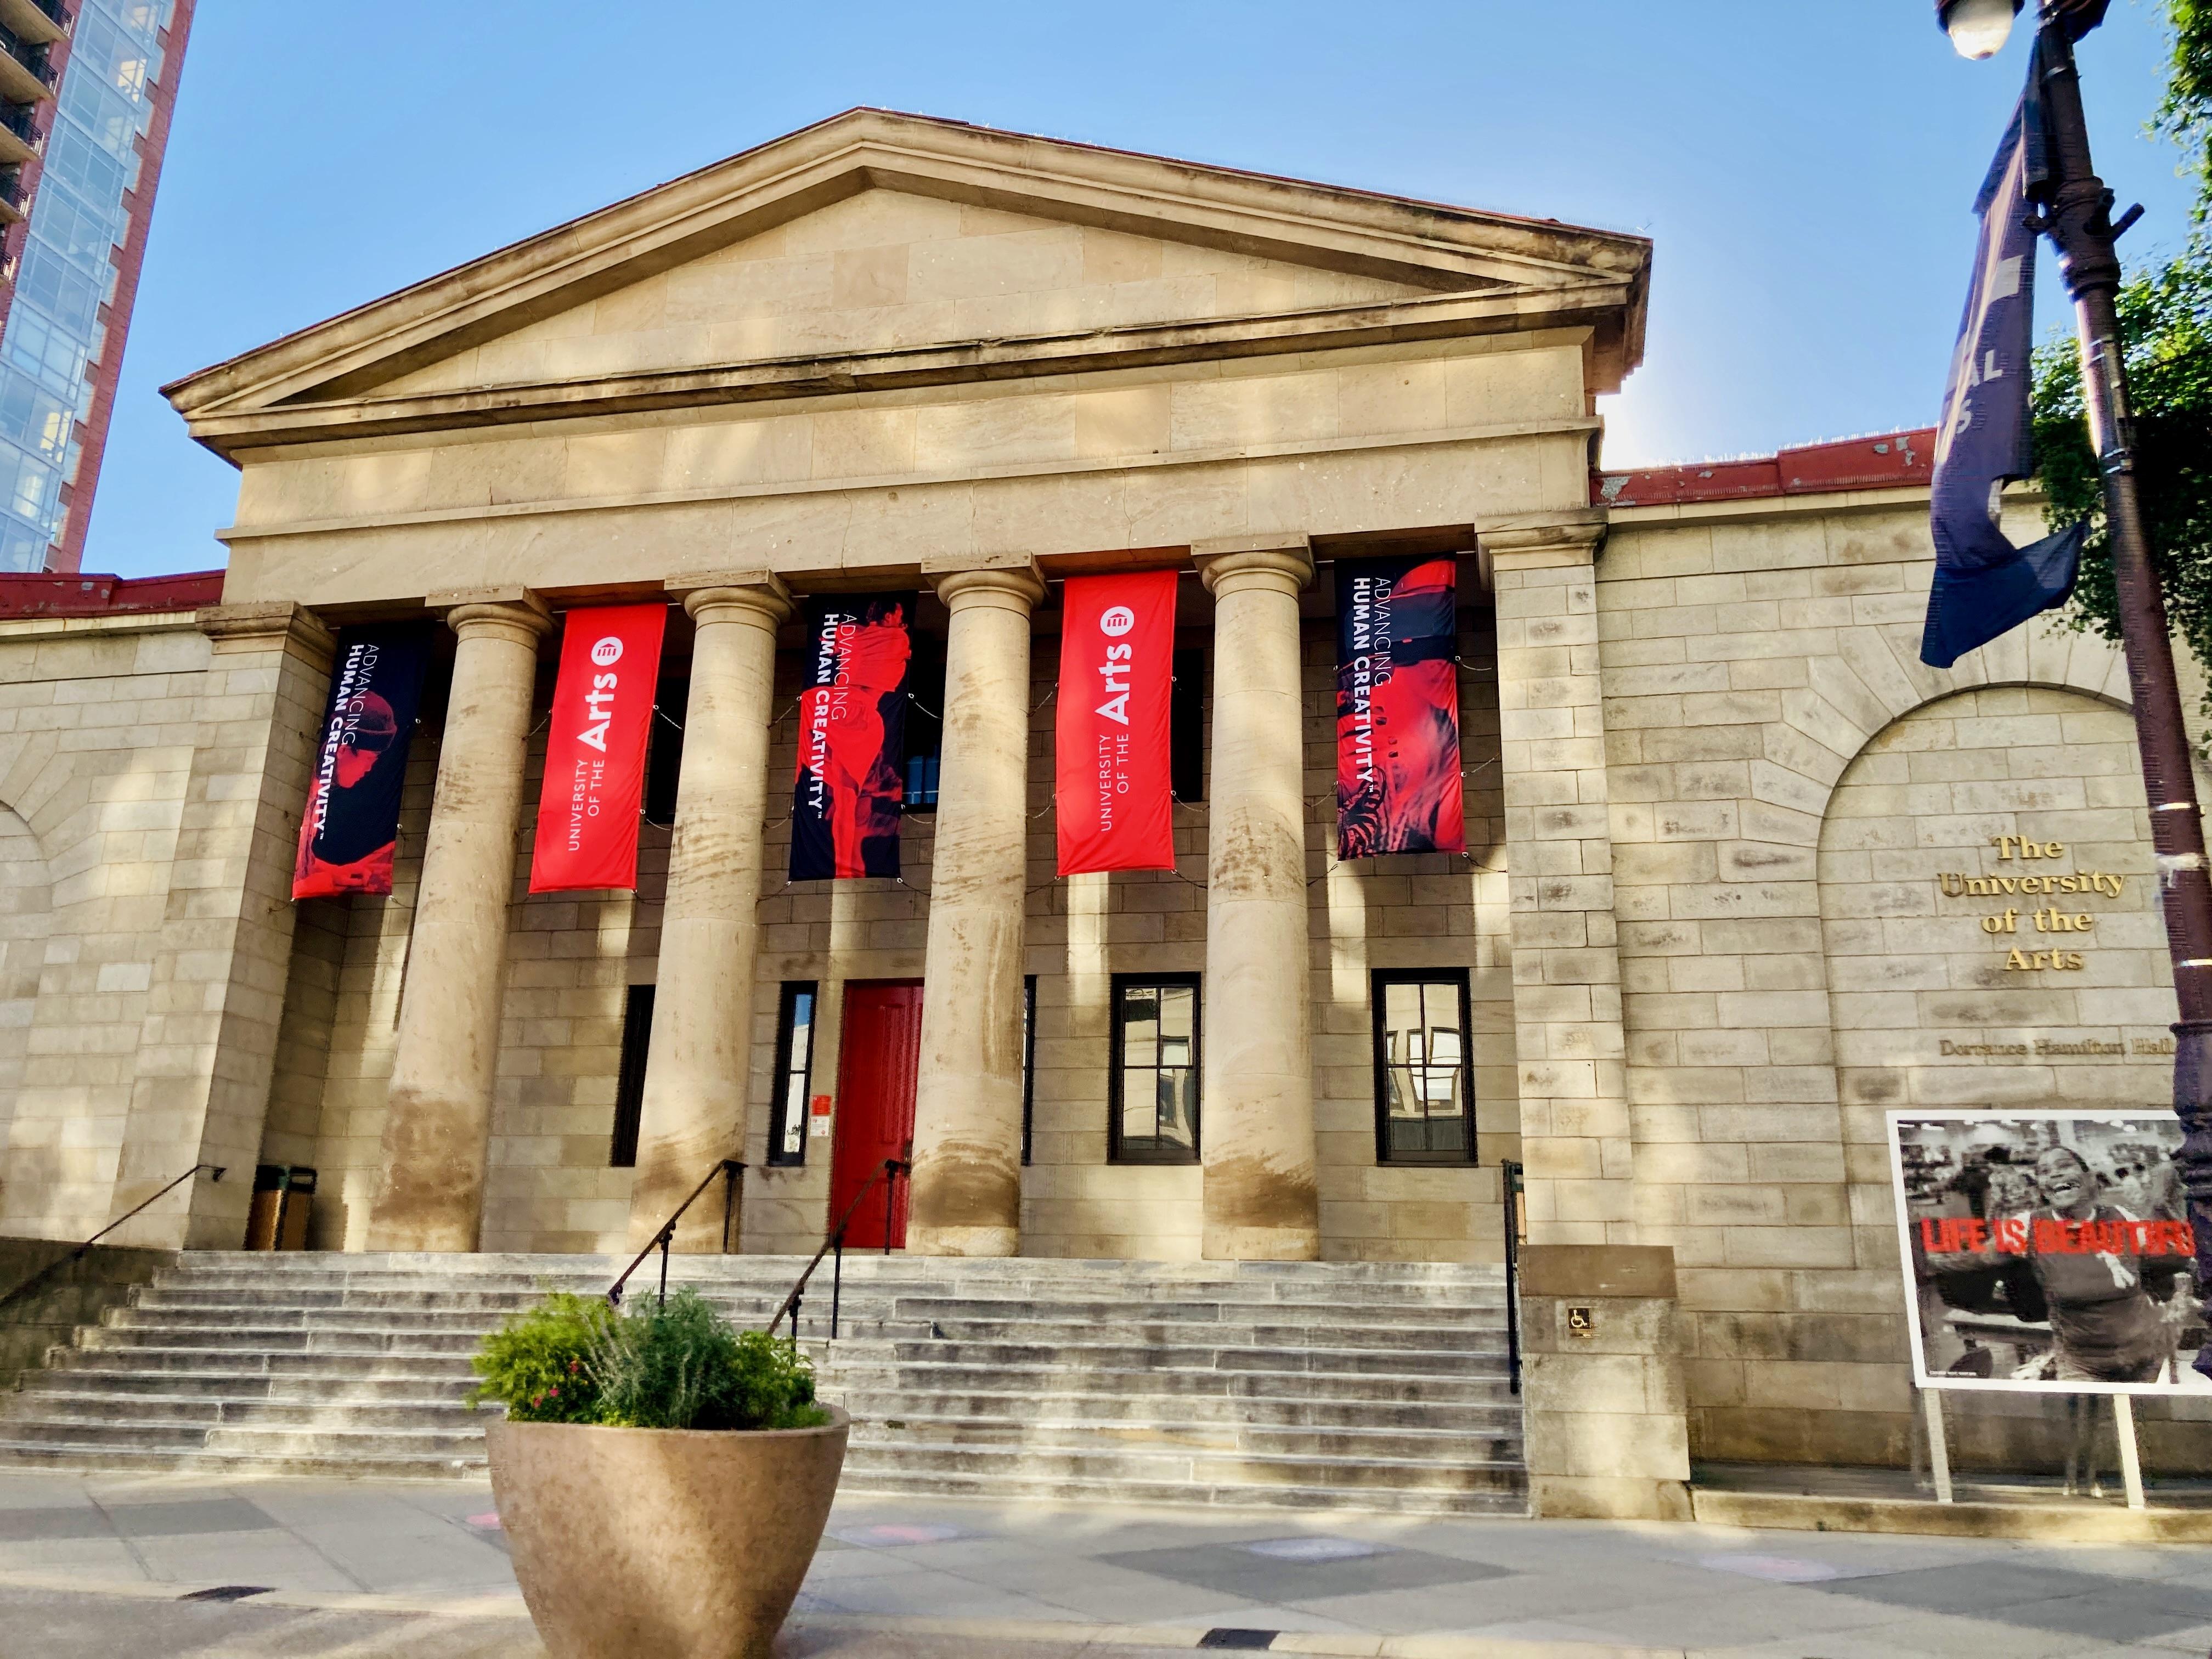 Philadelphia's University of the Arts